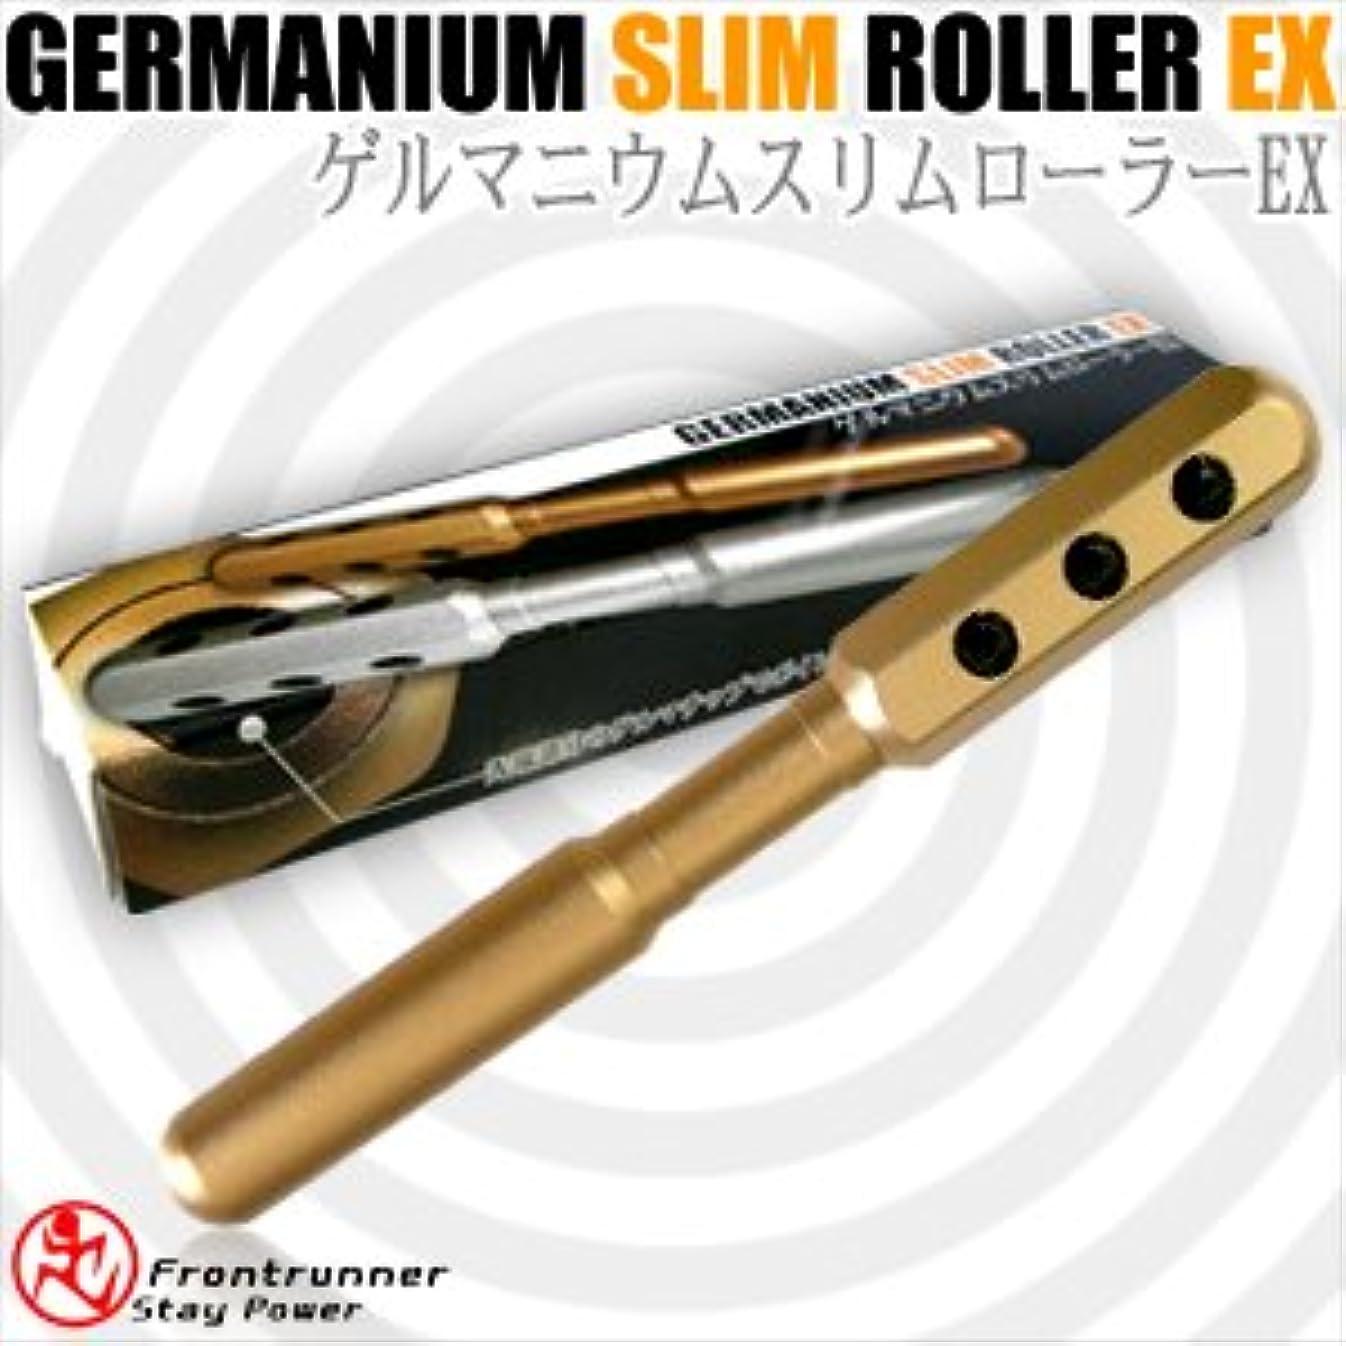 病な雷雨害ゲルマニウムスリムローラーEX(ゴールド)